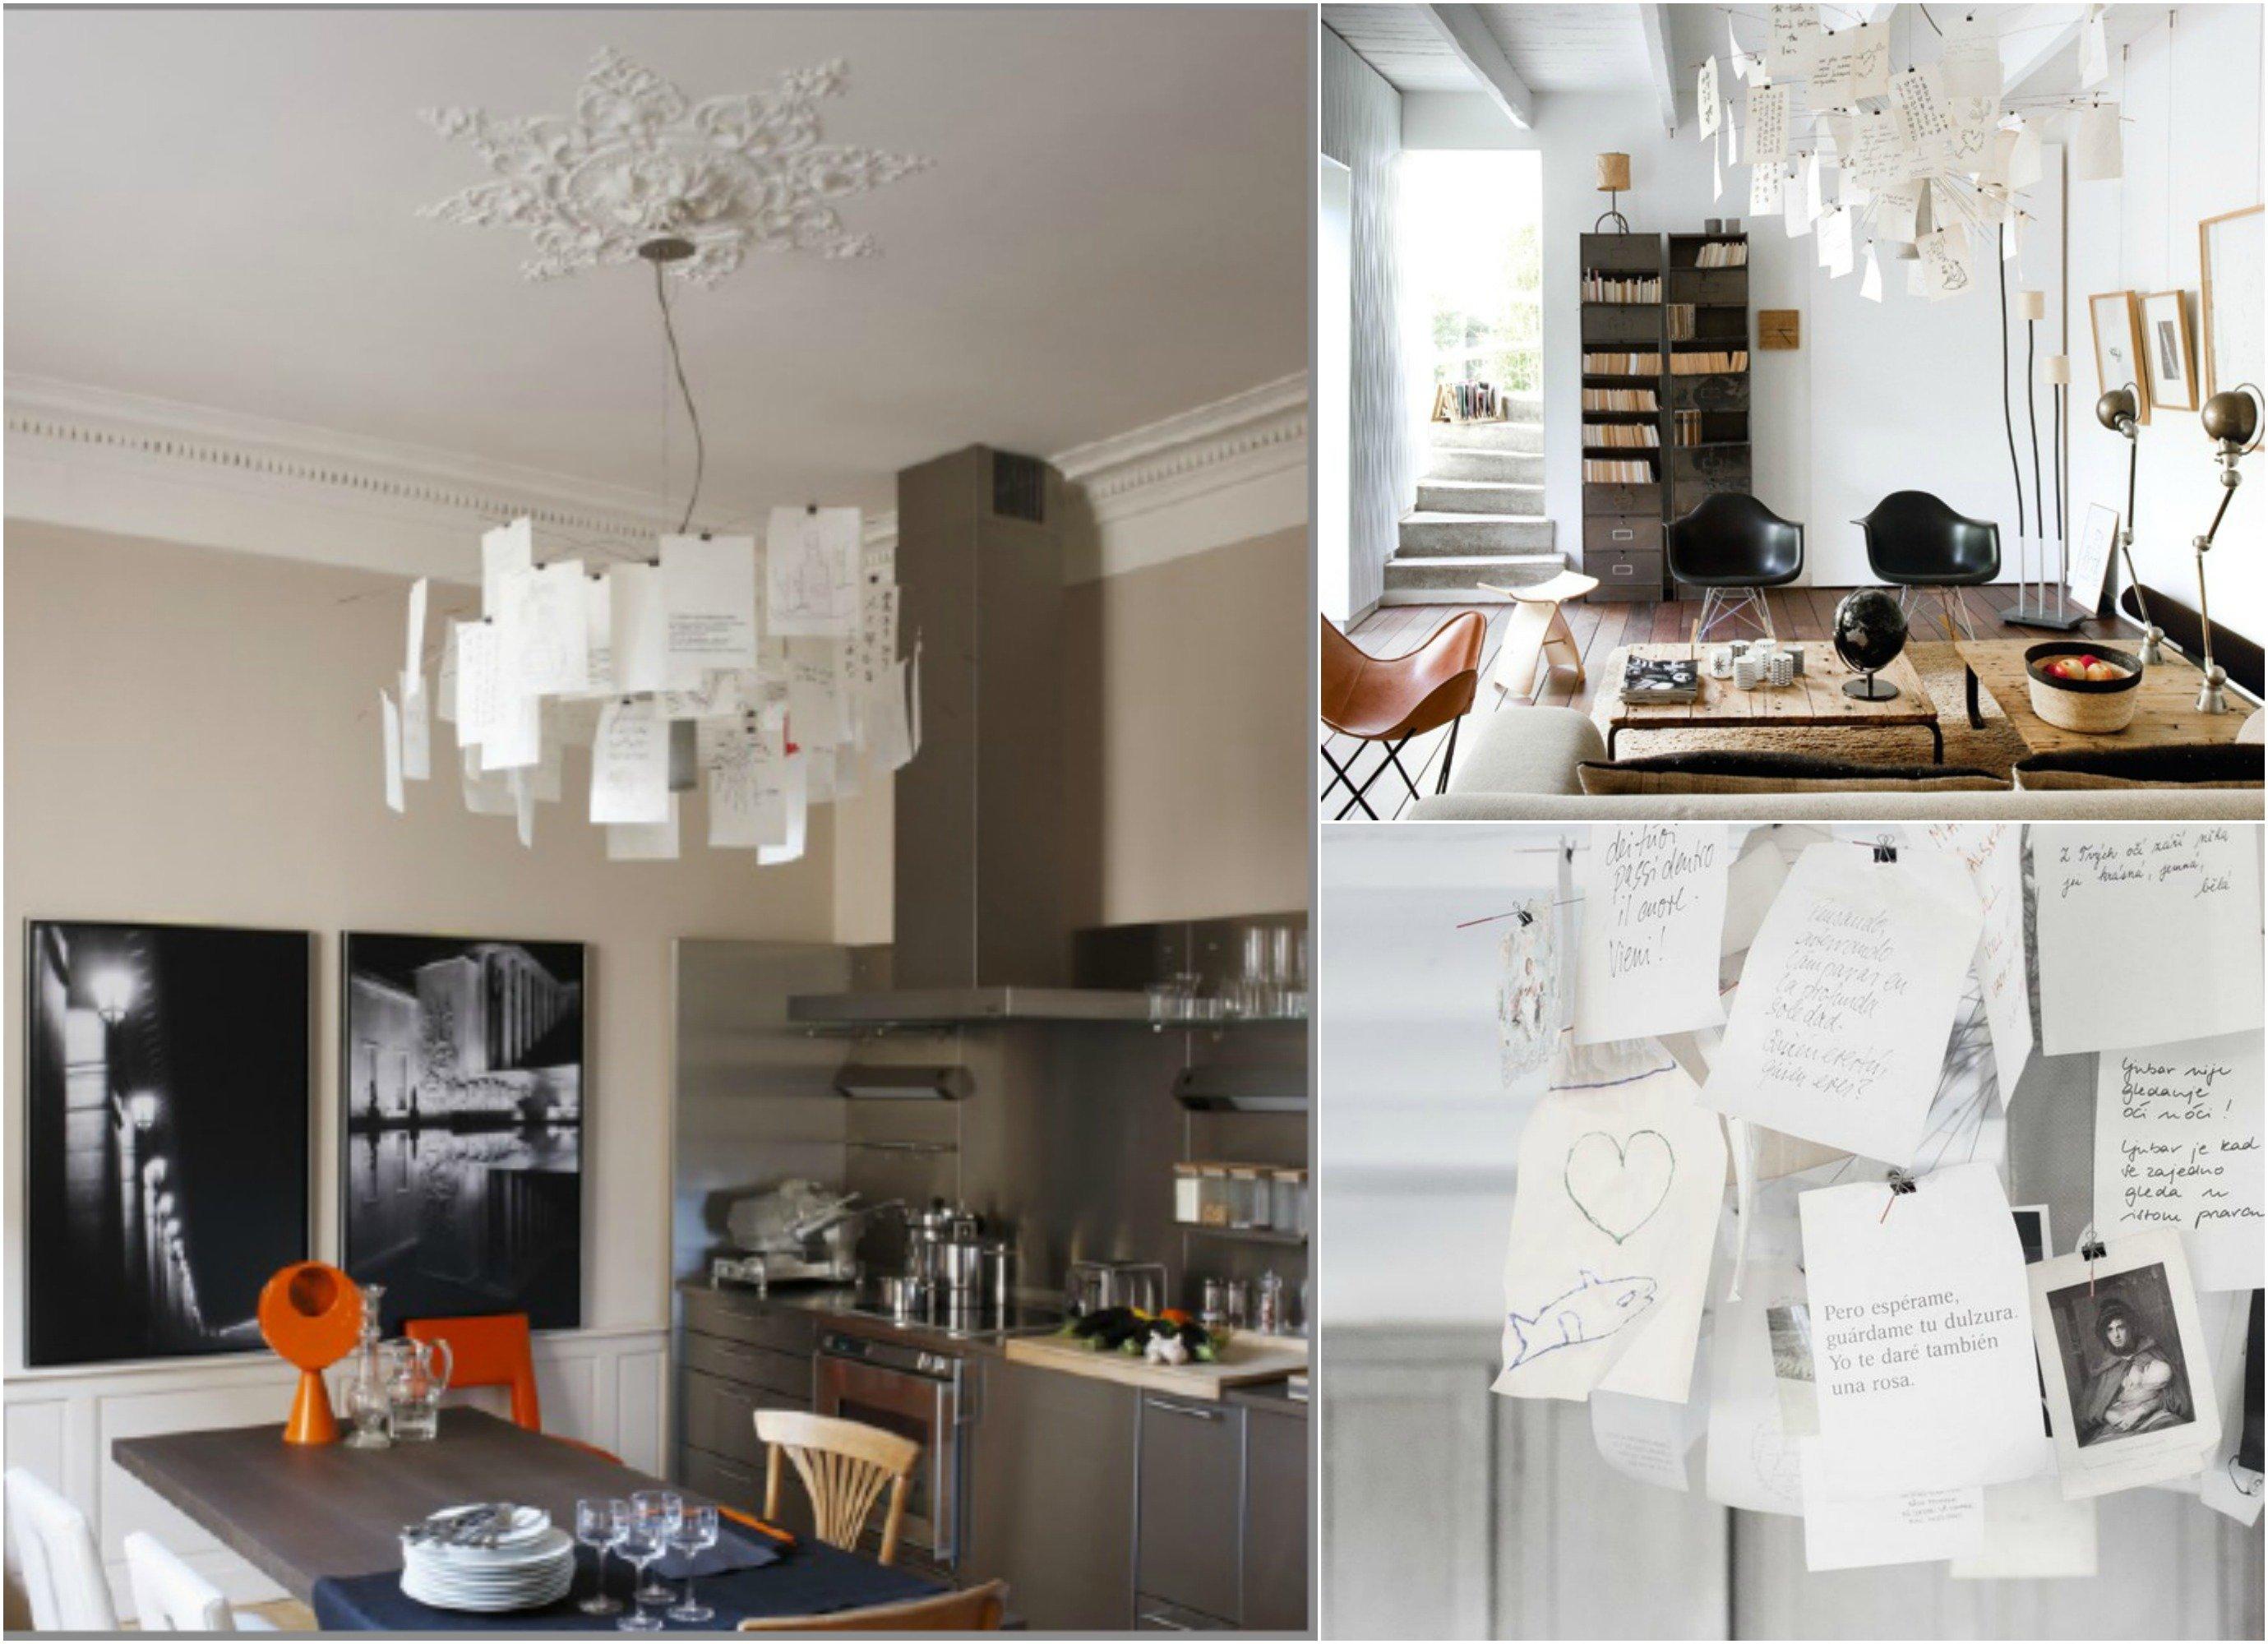 Le Mie Lampade A Sospensione Preferite A Casa Di Ro #C54804 2759 2000 Lampade Per Tavoli Da Pranzo